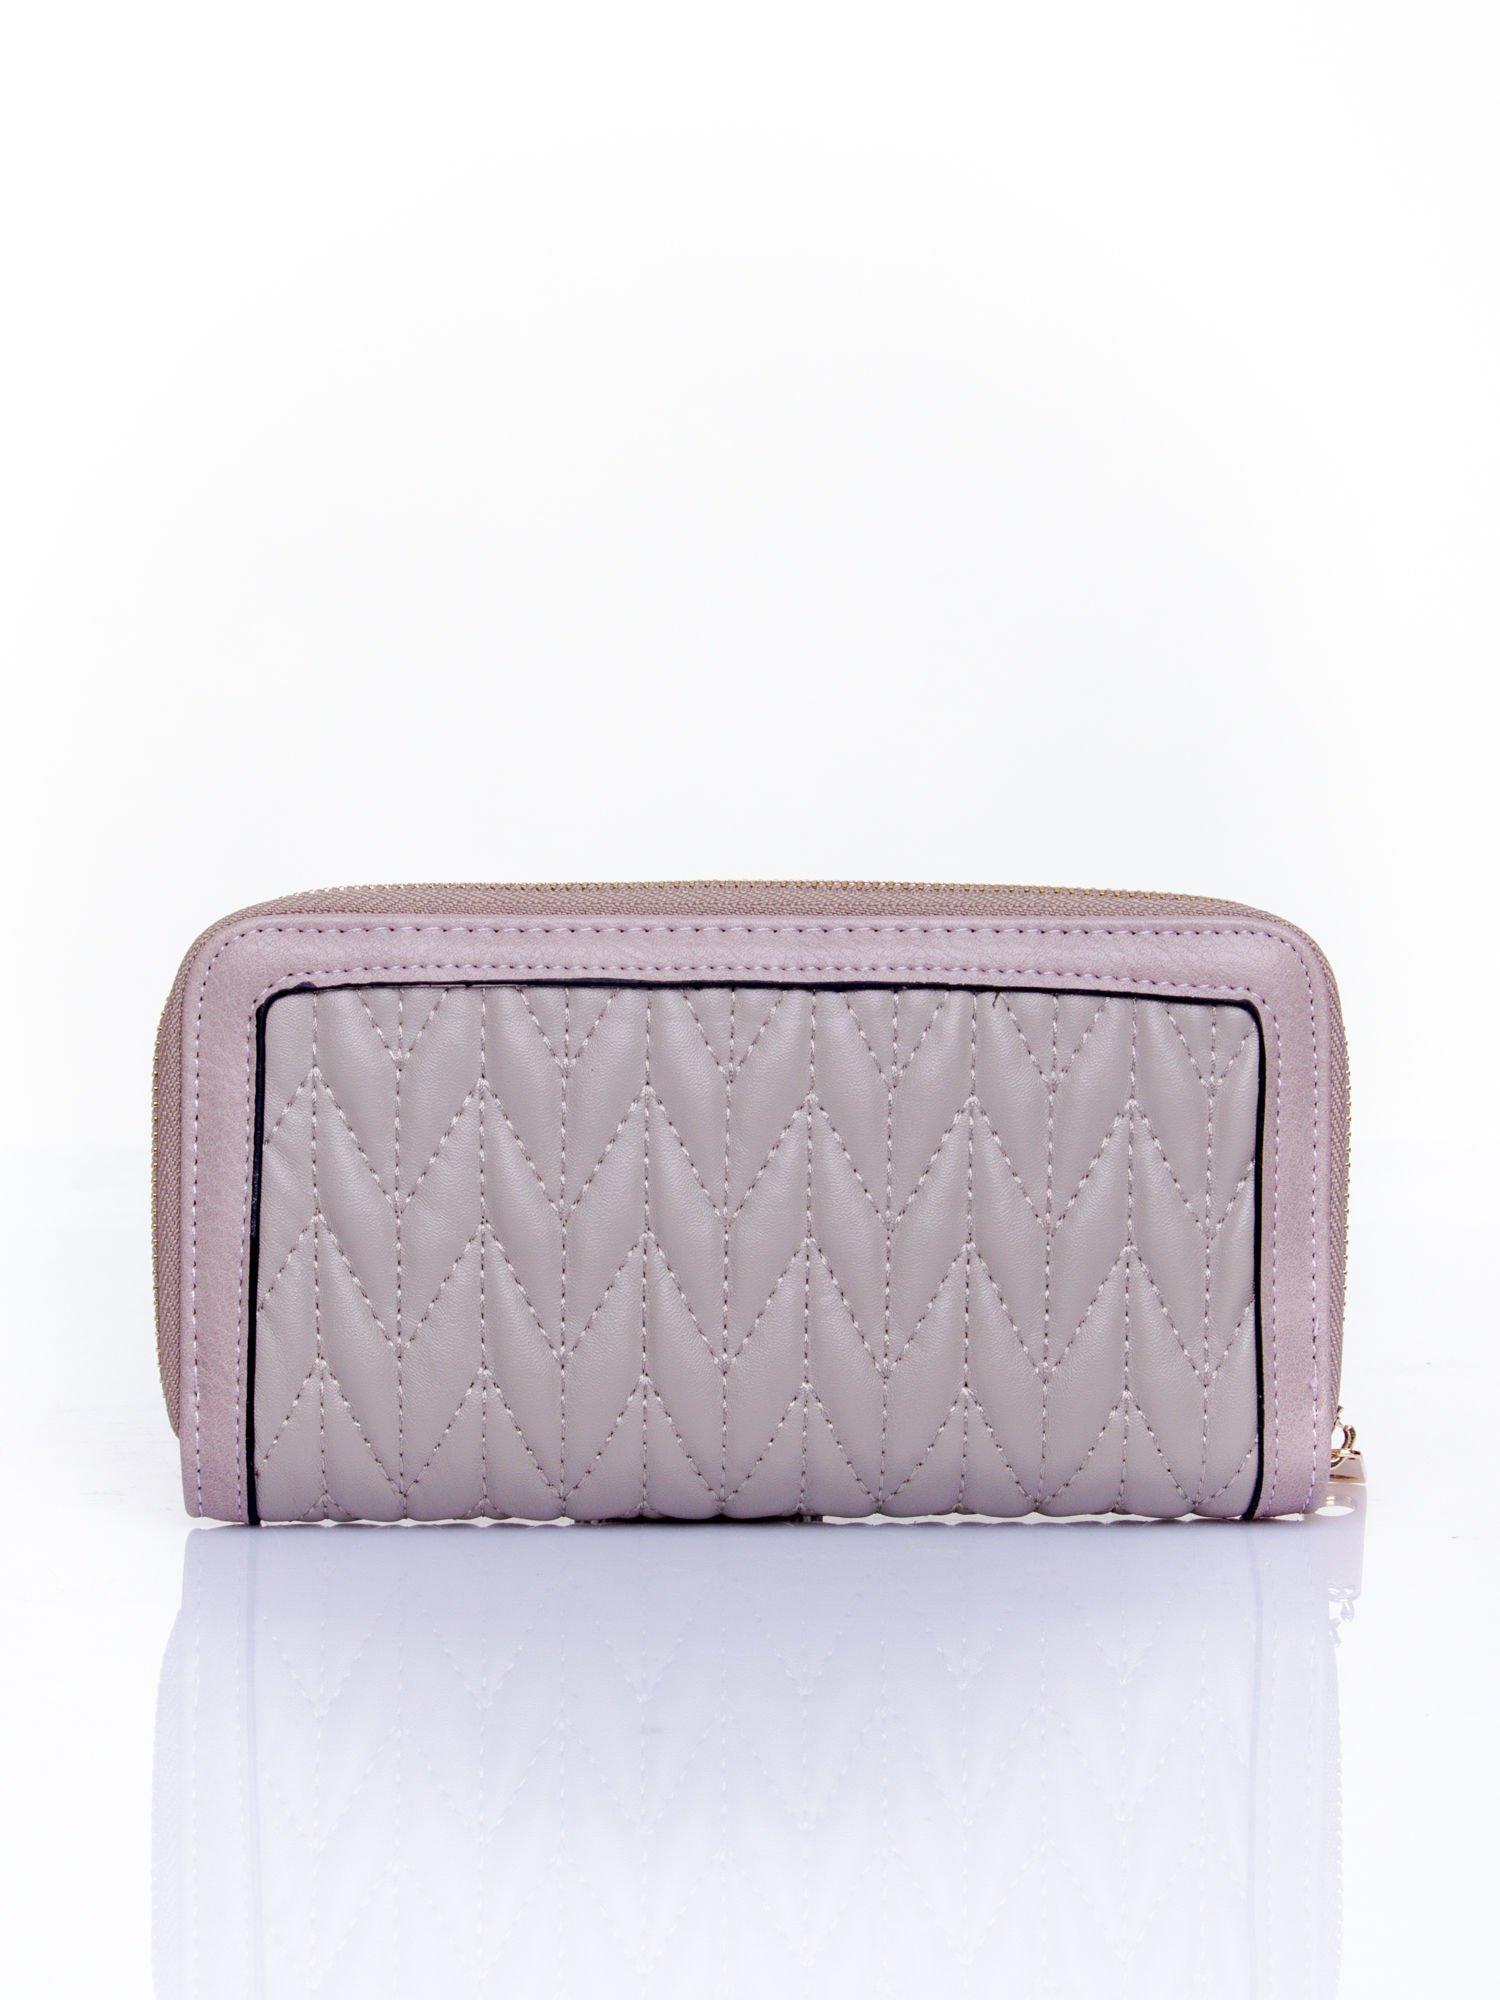 Szary pikowany portfel ze złotym suwakiem                                  zdj.                                  2